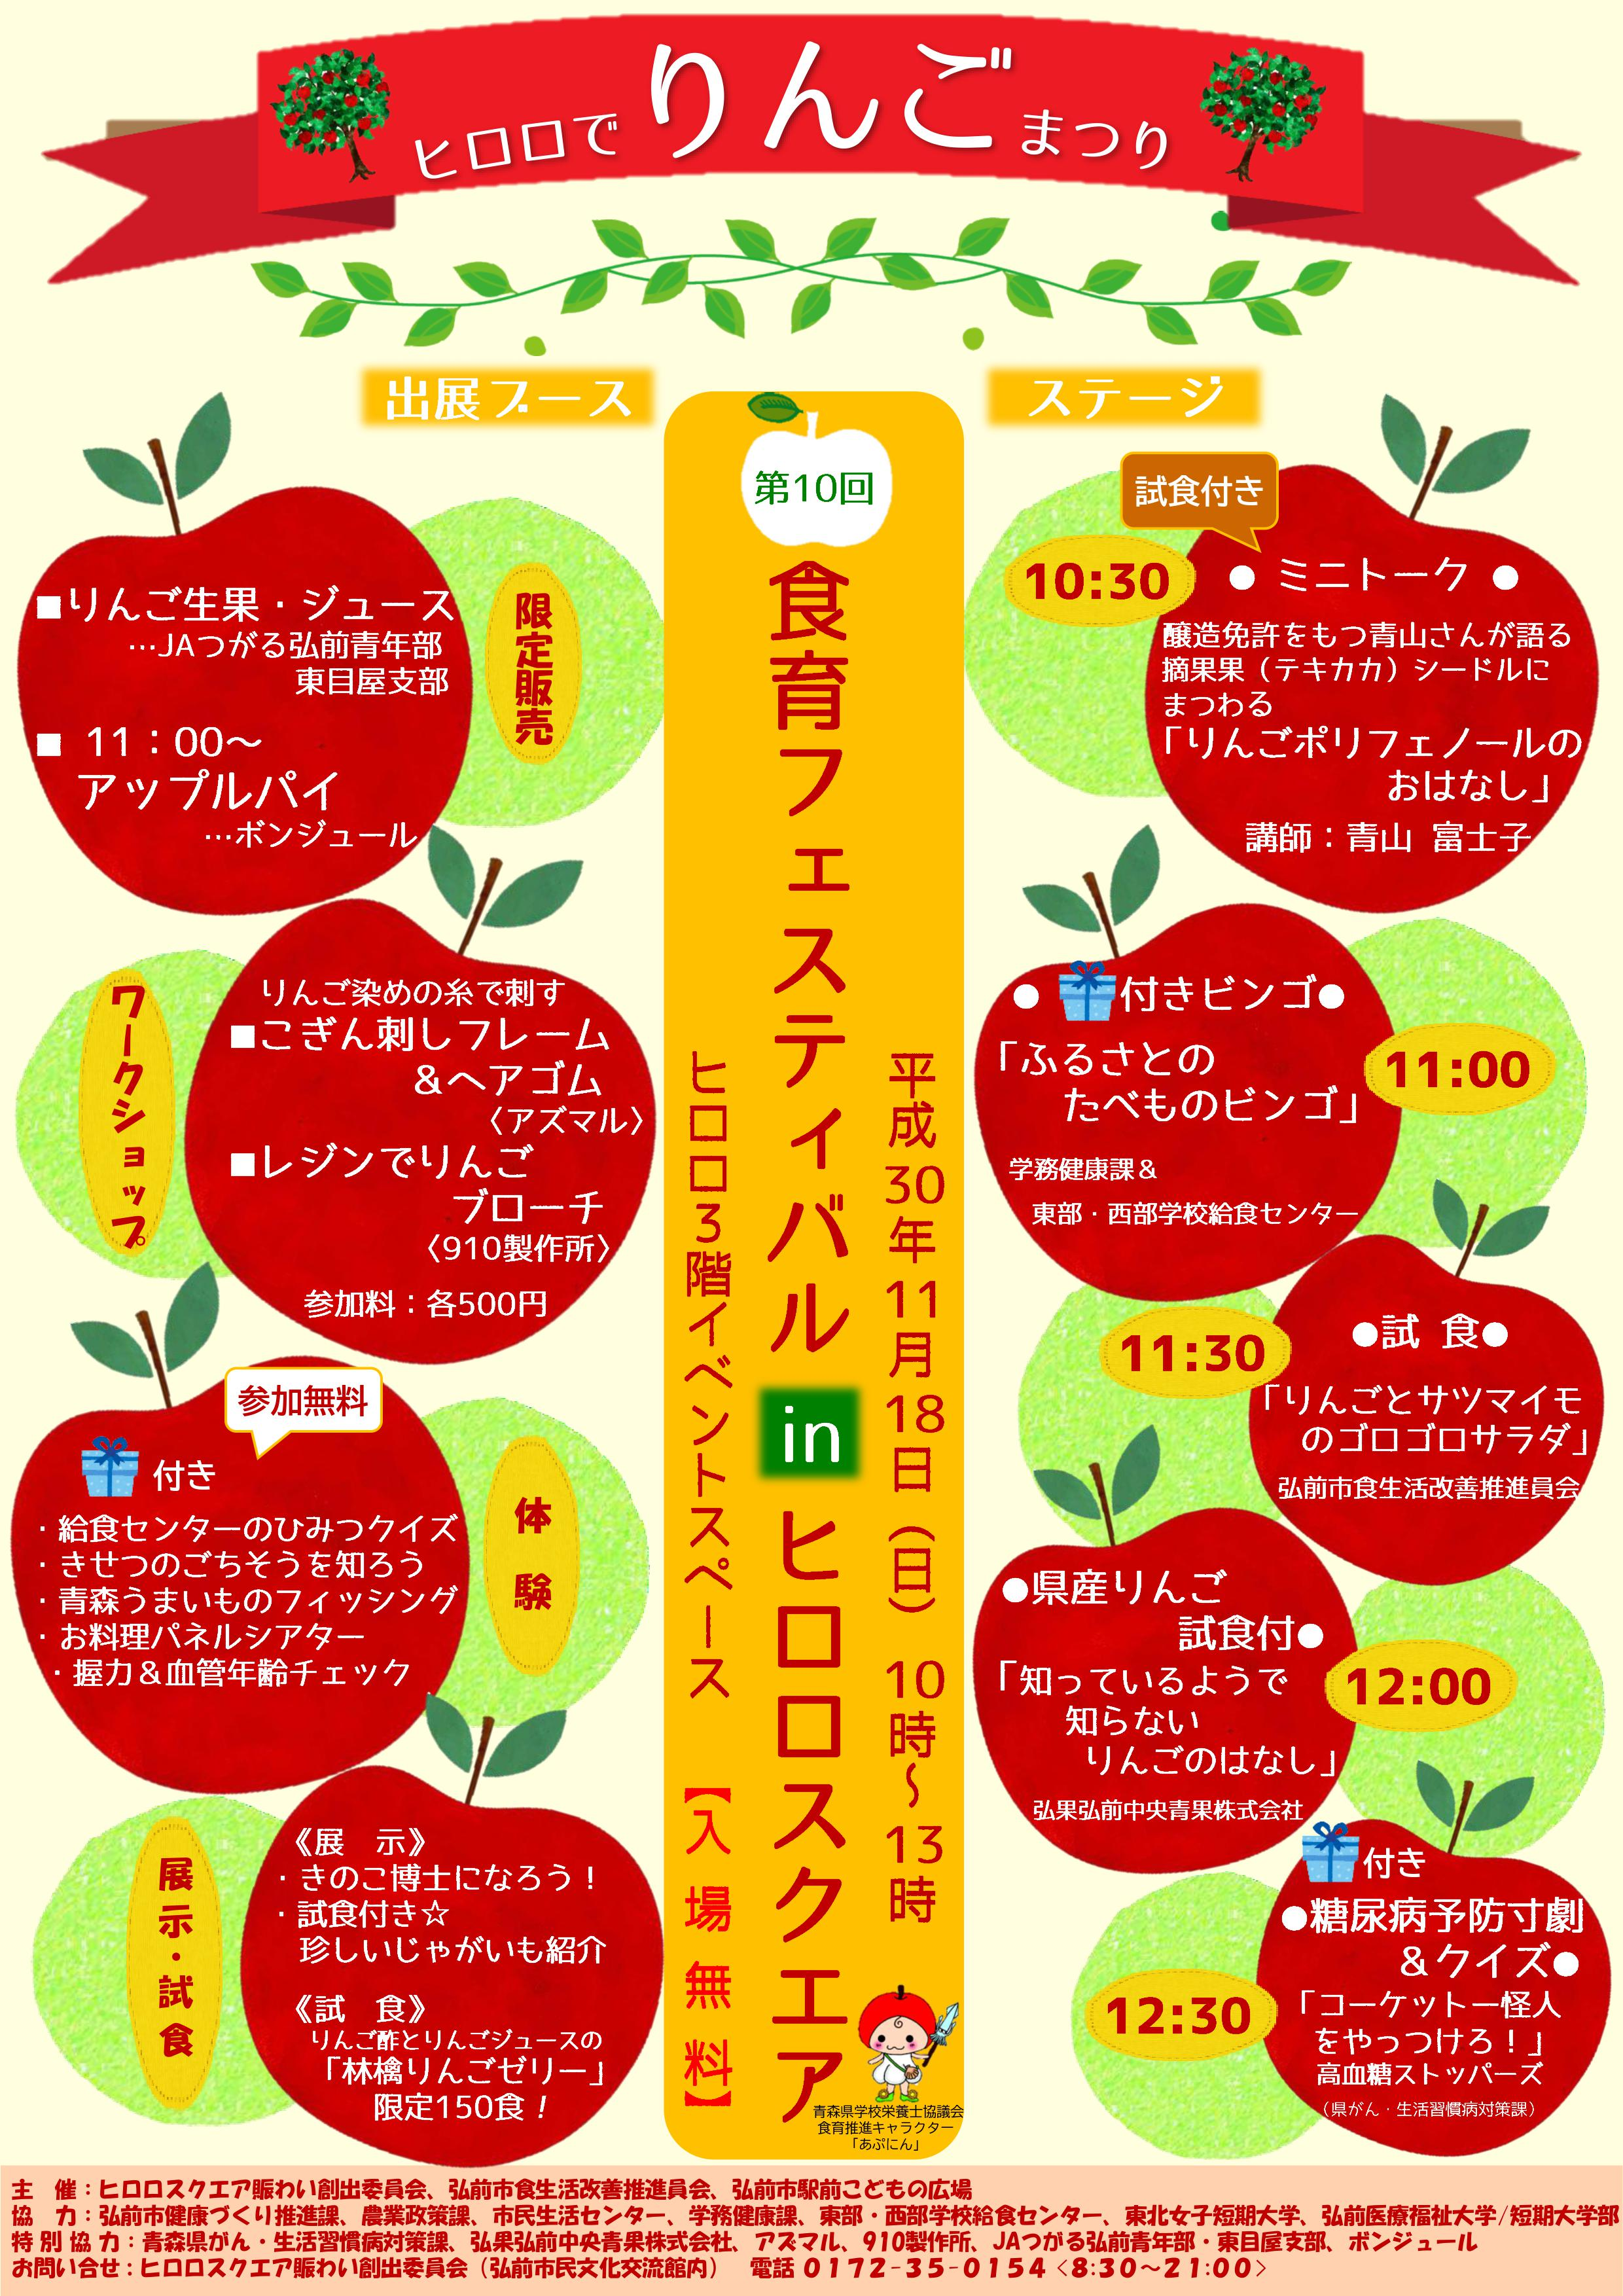 「第10回食育フェスティバル」ポスター